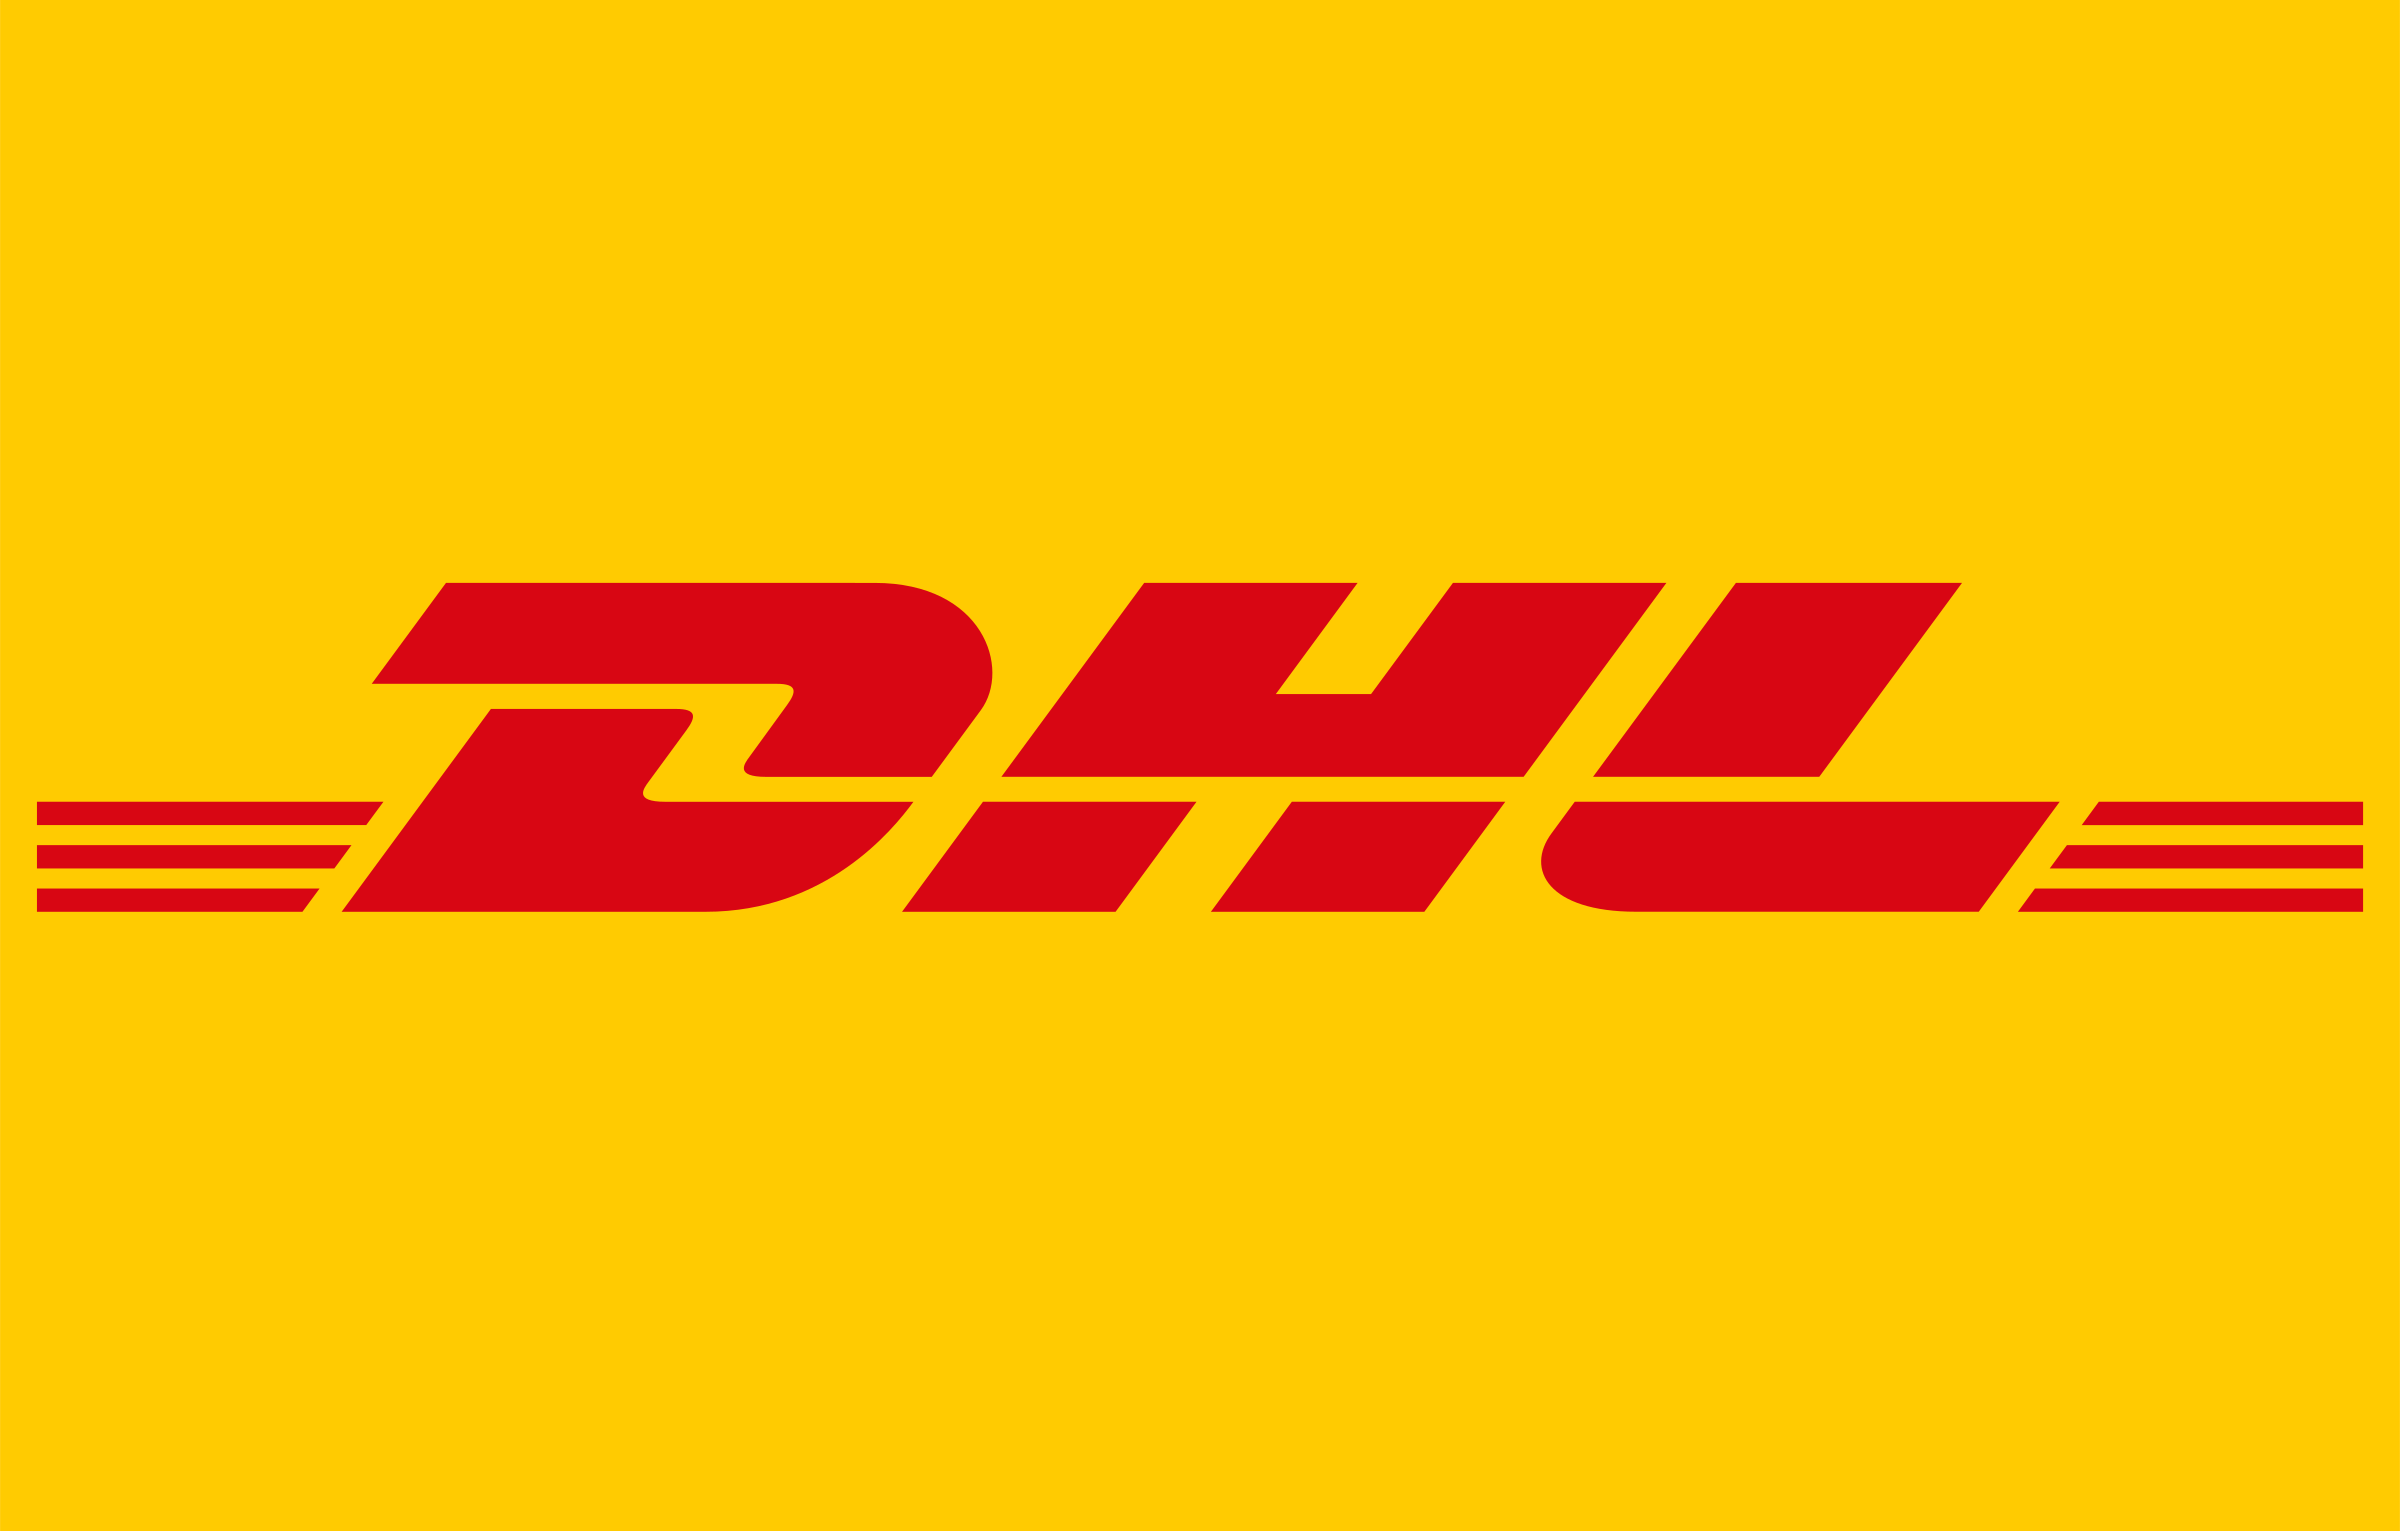 Afbeeldingsresultaat voor dhl logo png